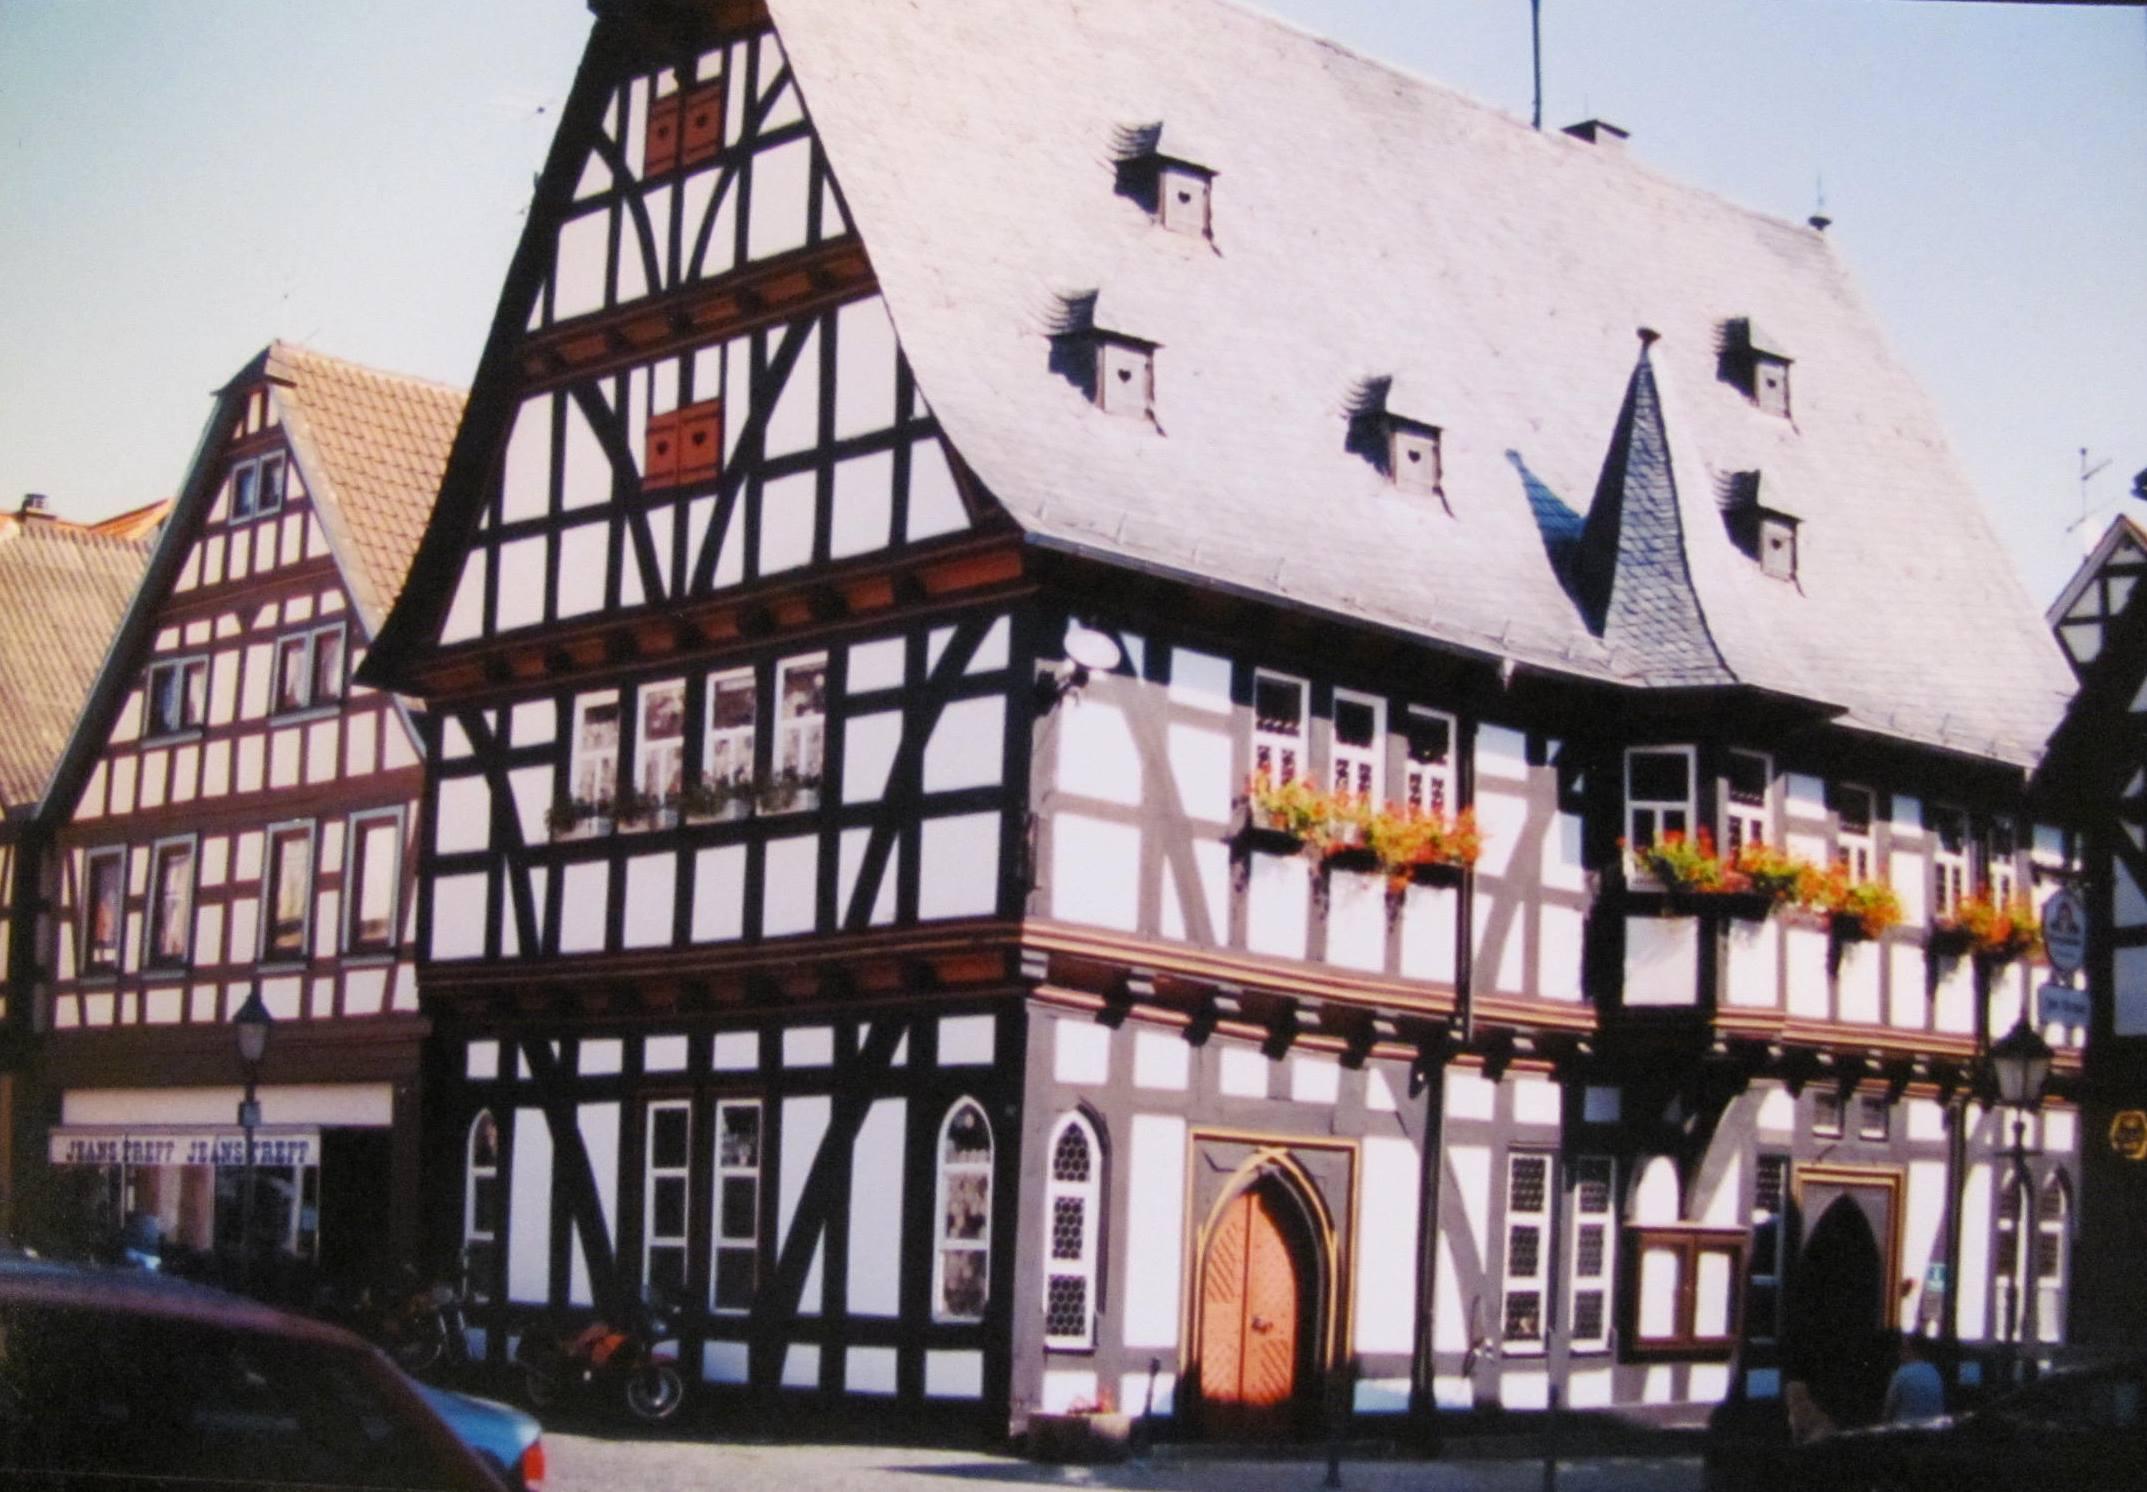 Schotten, Germany: Land of My People » arolyn Schott, uthor - ^